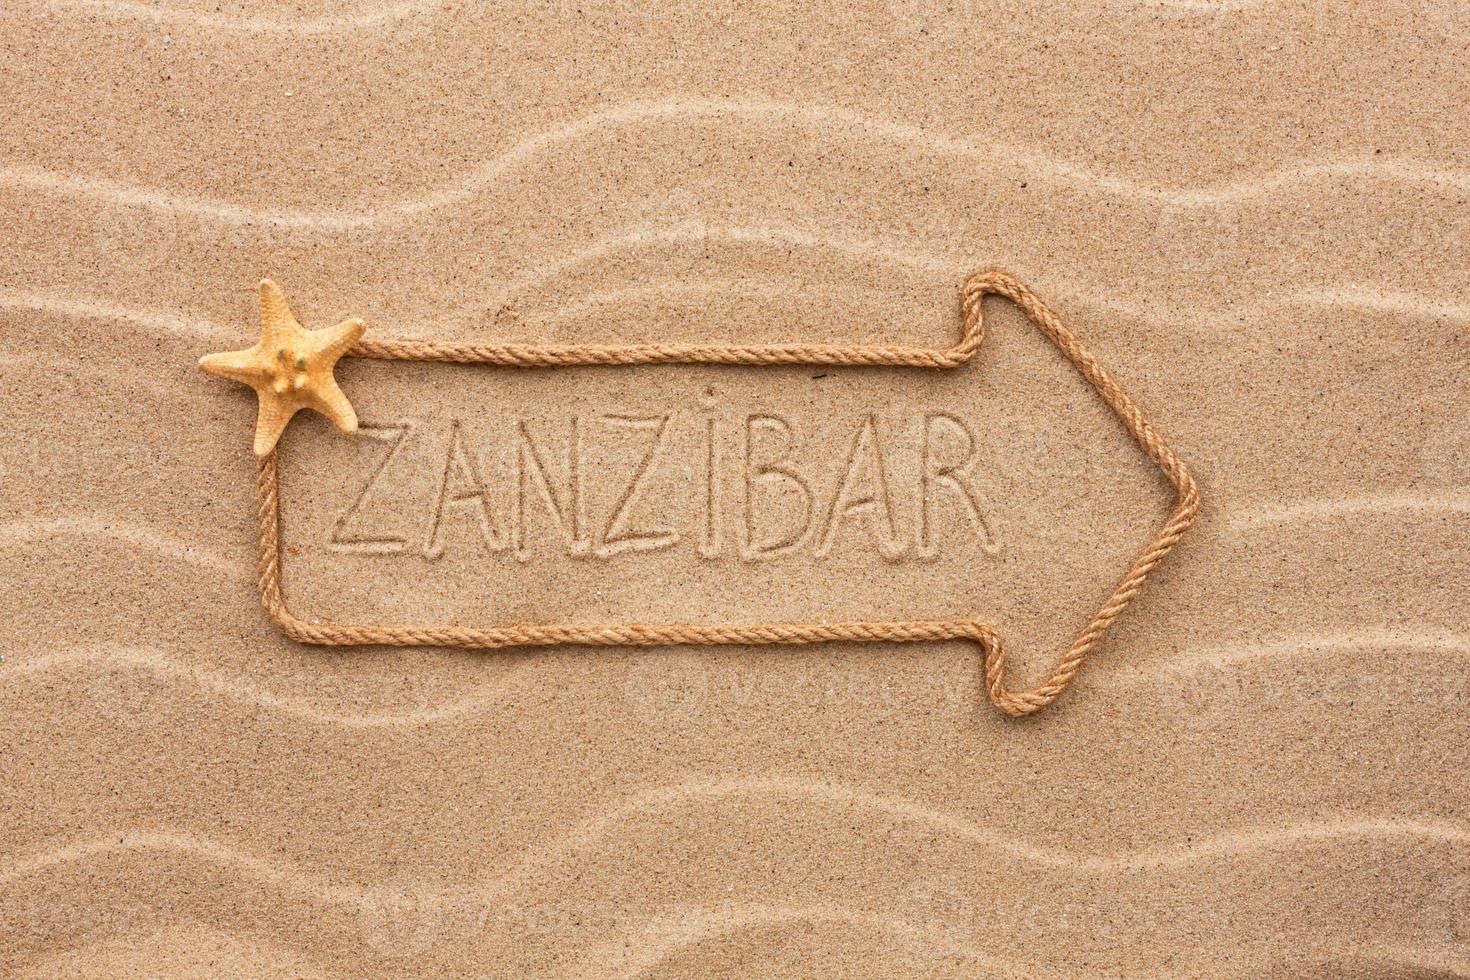 flèche en corde avec le mot zanzibar photo